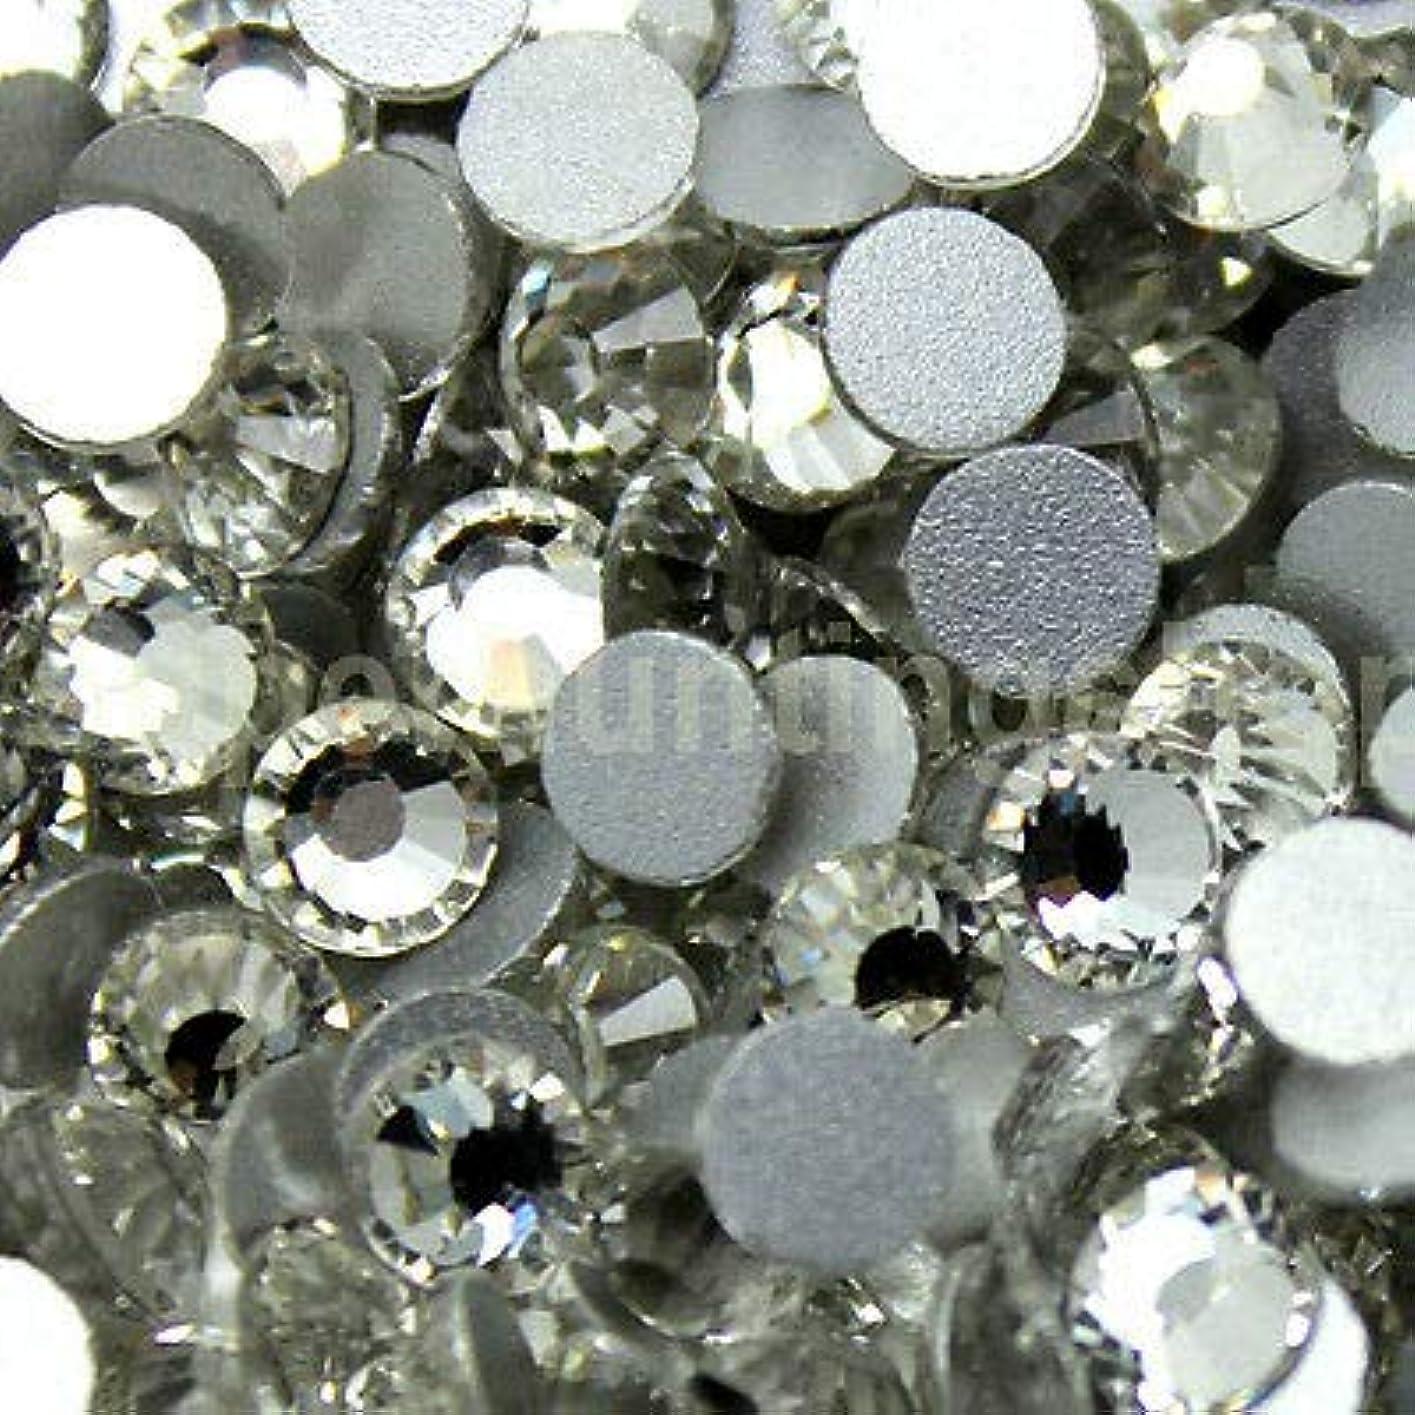 奪うヘルパー縁石FidgetGear DIY 1.3-8.5 mmクリスタルヒラタラインストーンネイルアートデコレーションSS3-SS40 結晶